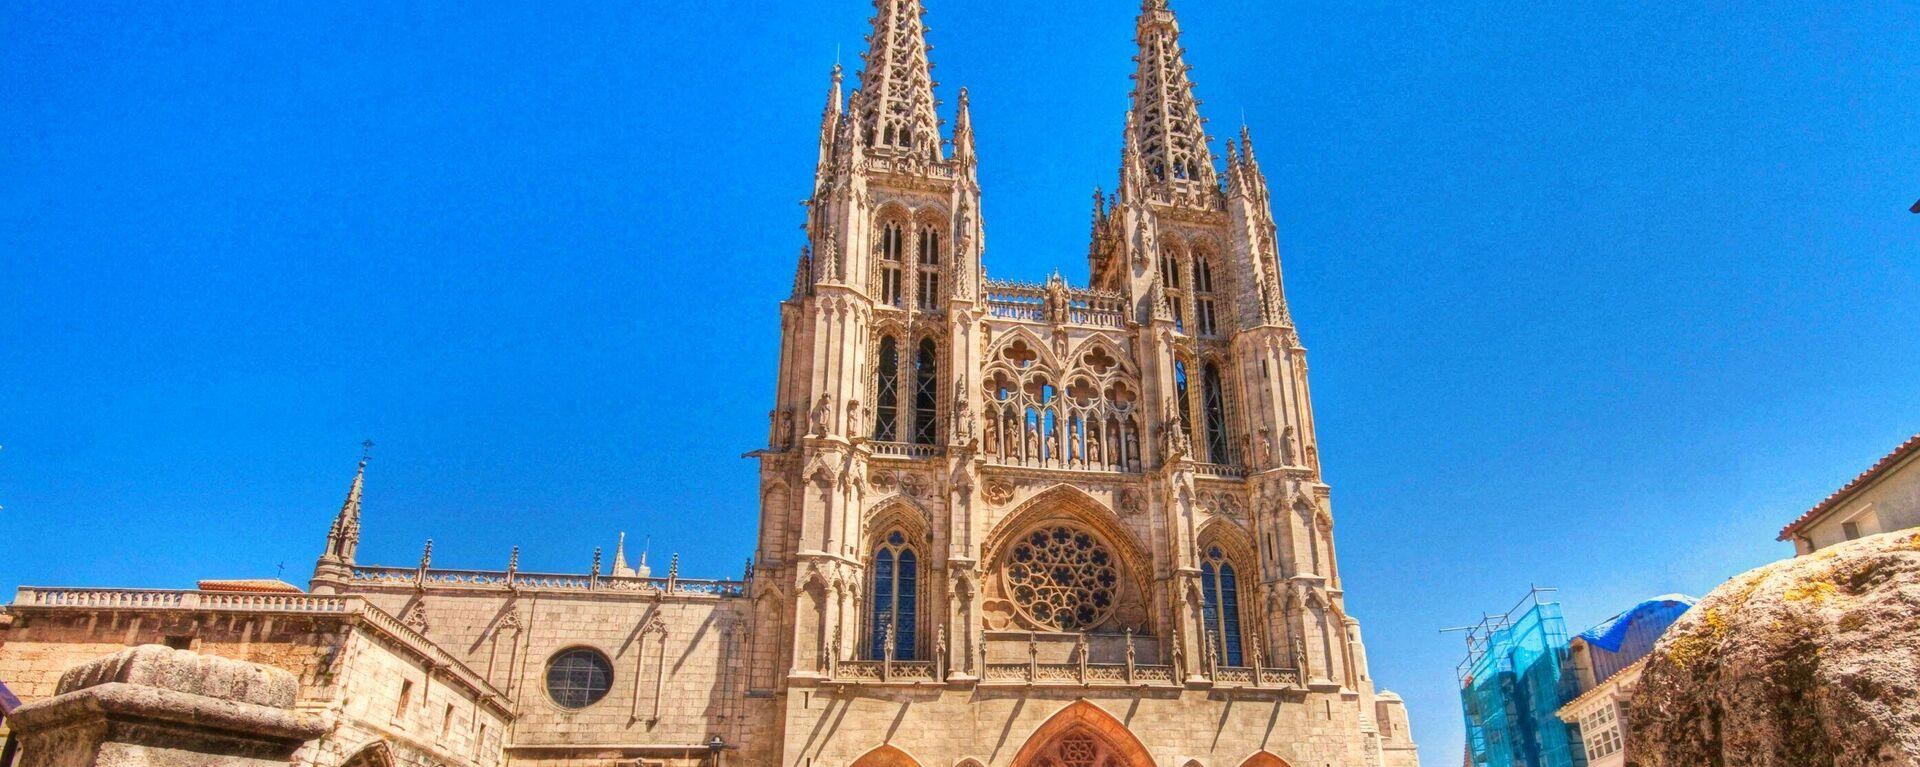 Catedral de Burgos - Sputnik Mundo, 1920, 12.02.2021